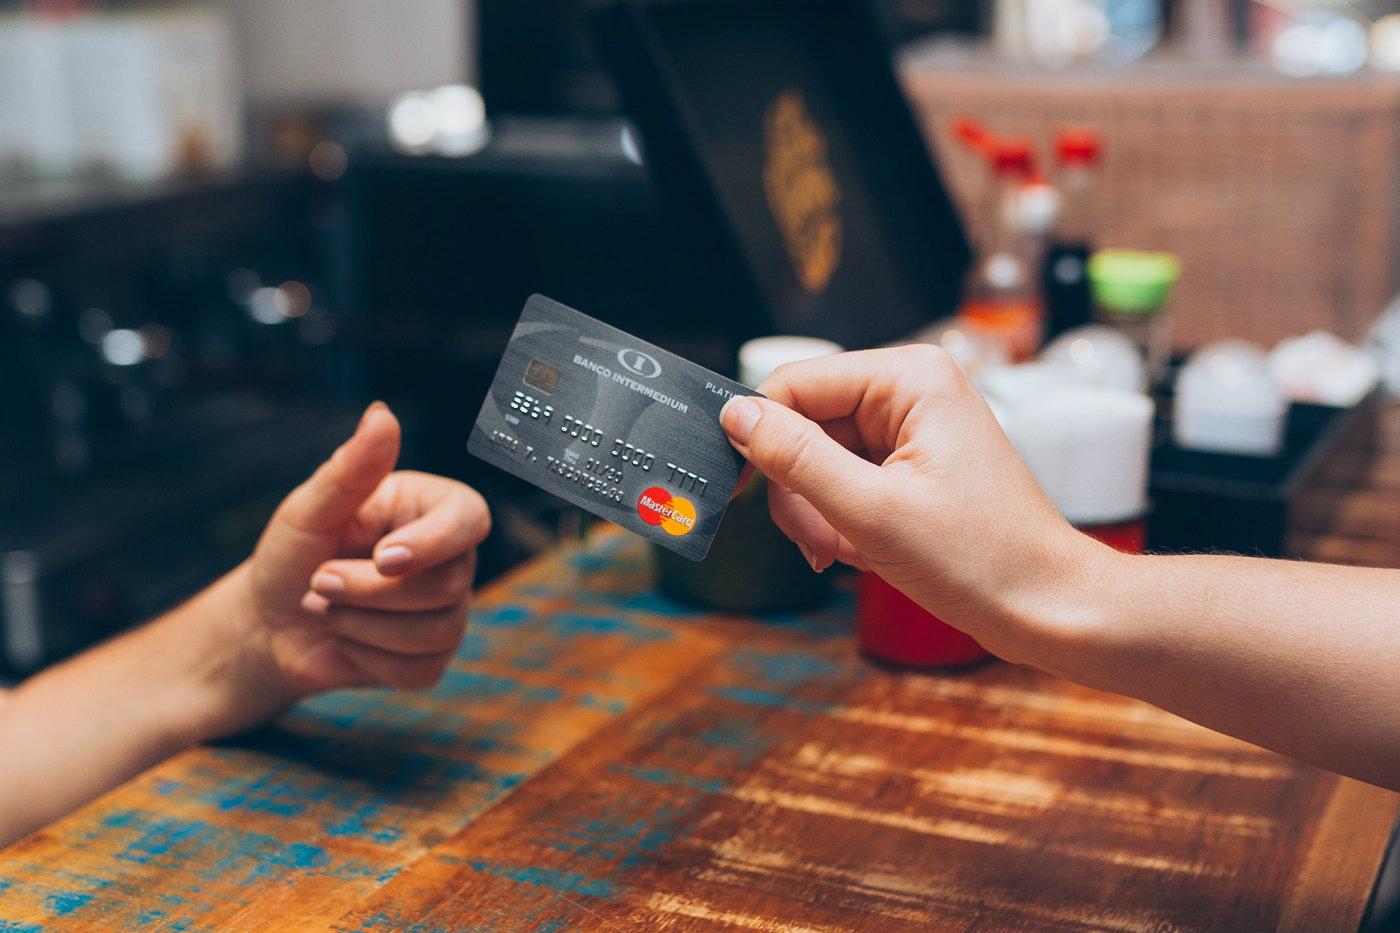 Chega de tarifas: conheça a verdadeira conta digital e economize